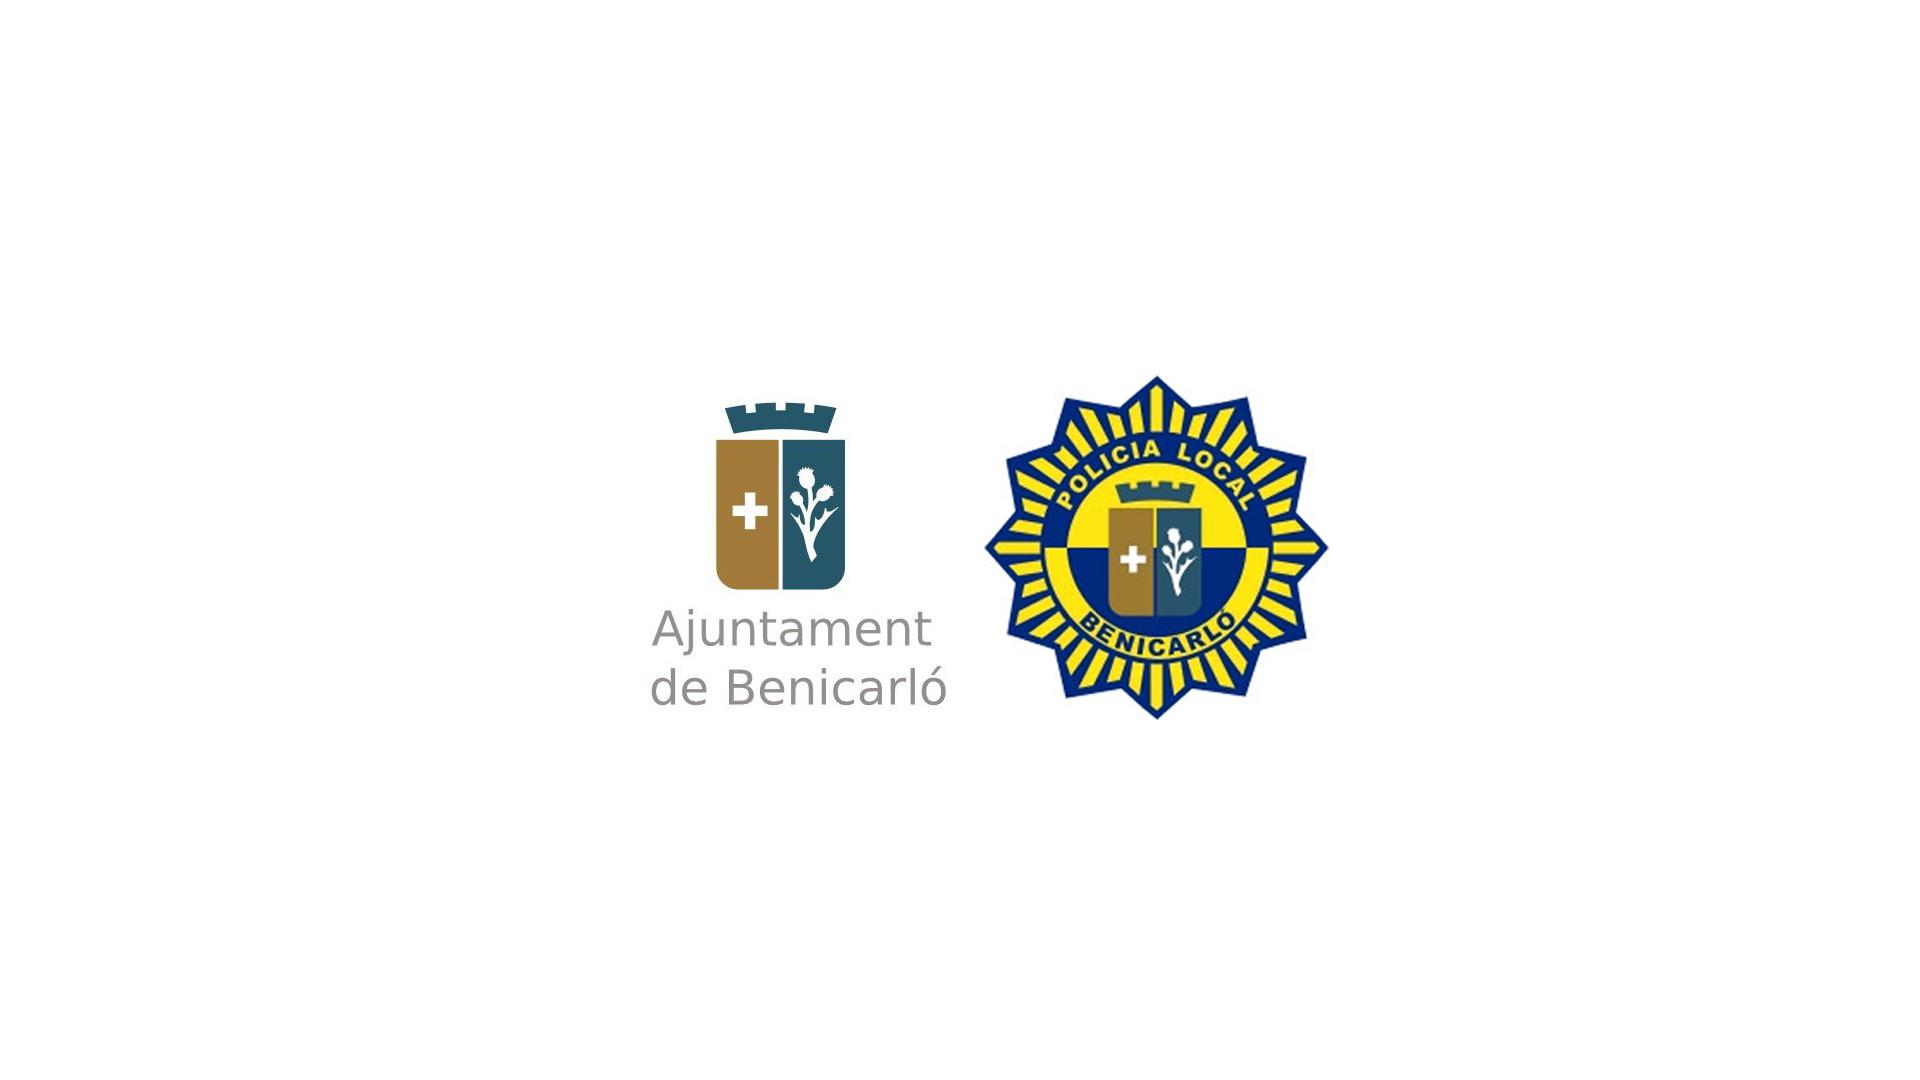 La Policia Local de Benicarló continua amb els controls rutinaris